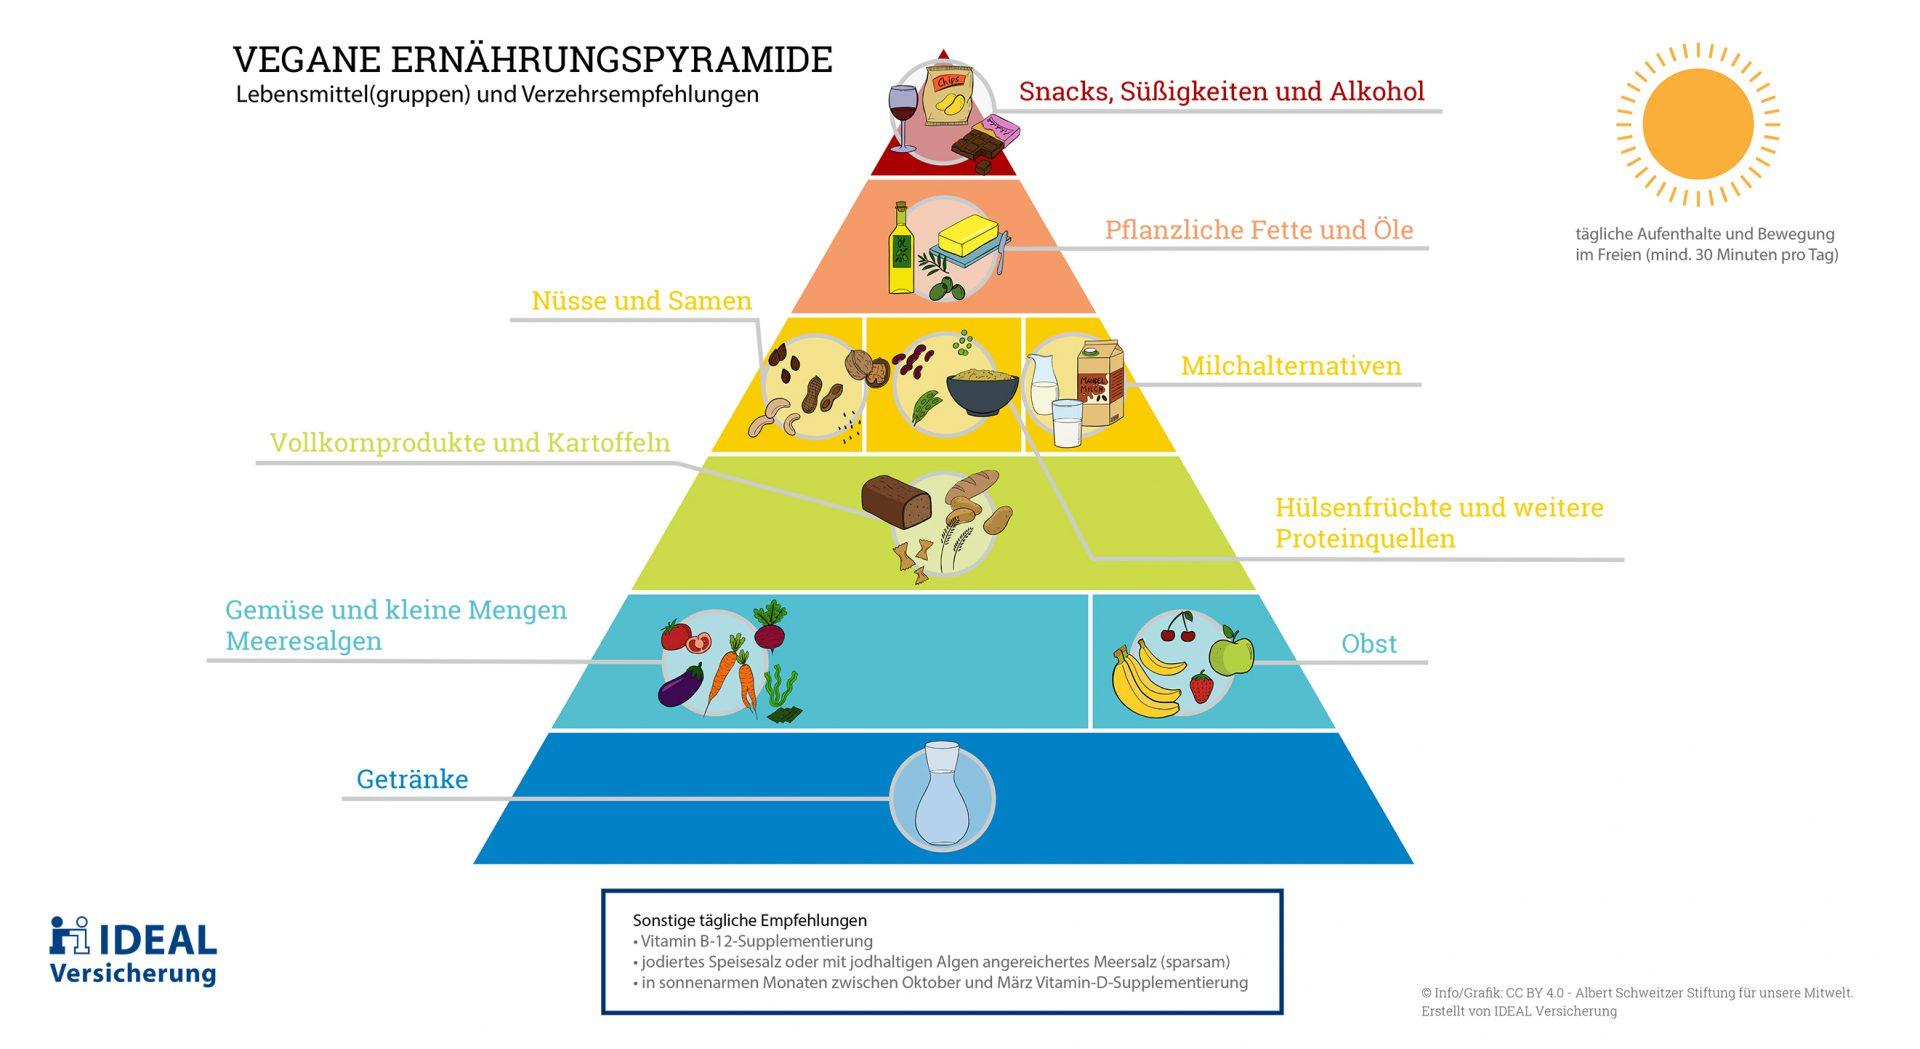 Vegane Ernährungspyramide komprimiert